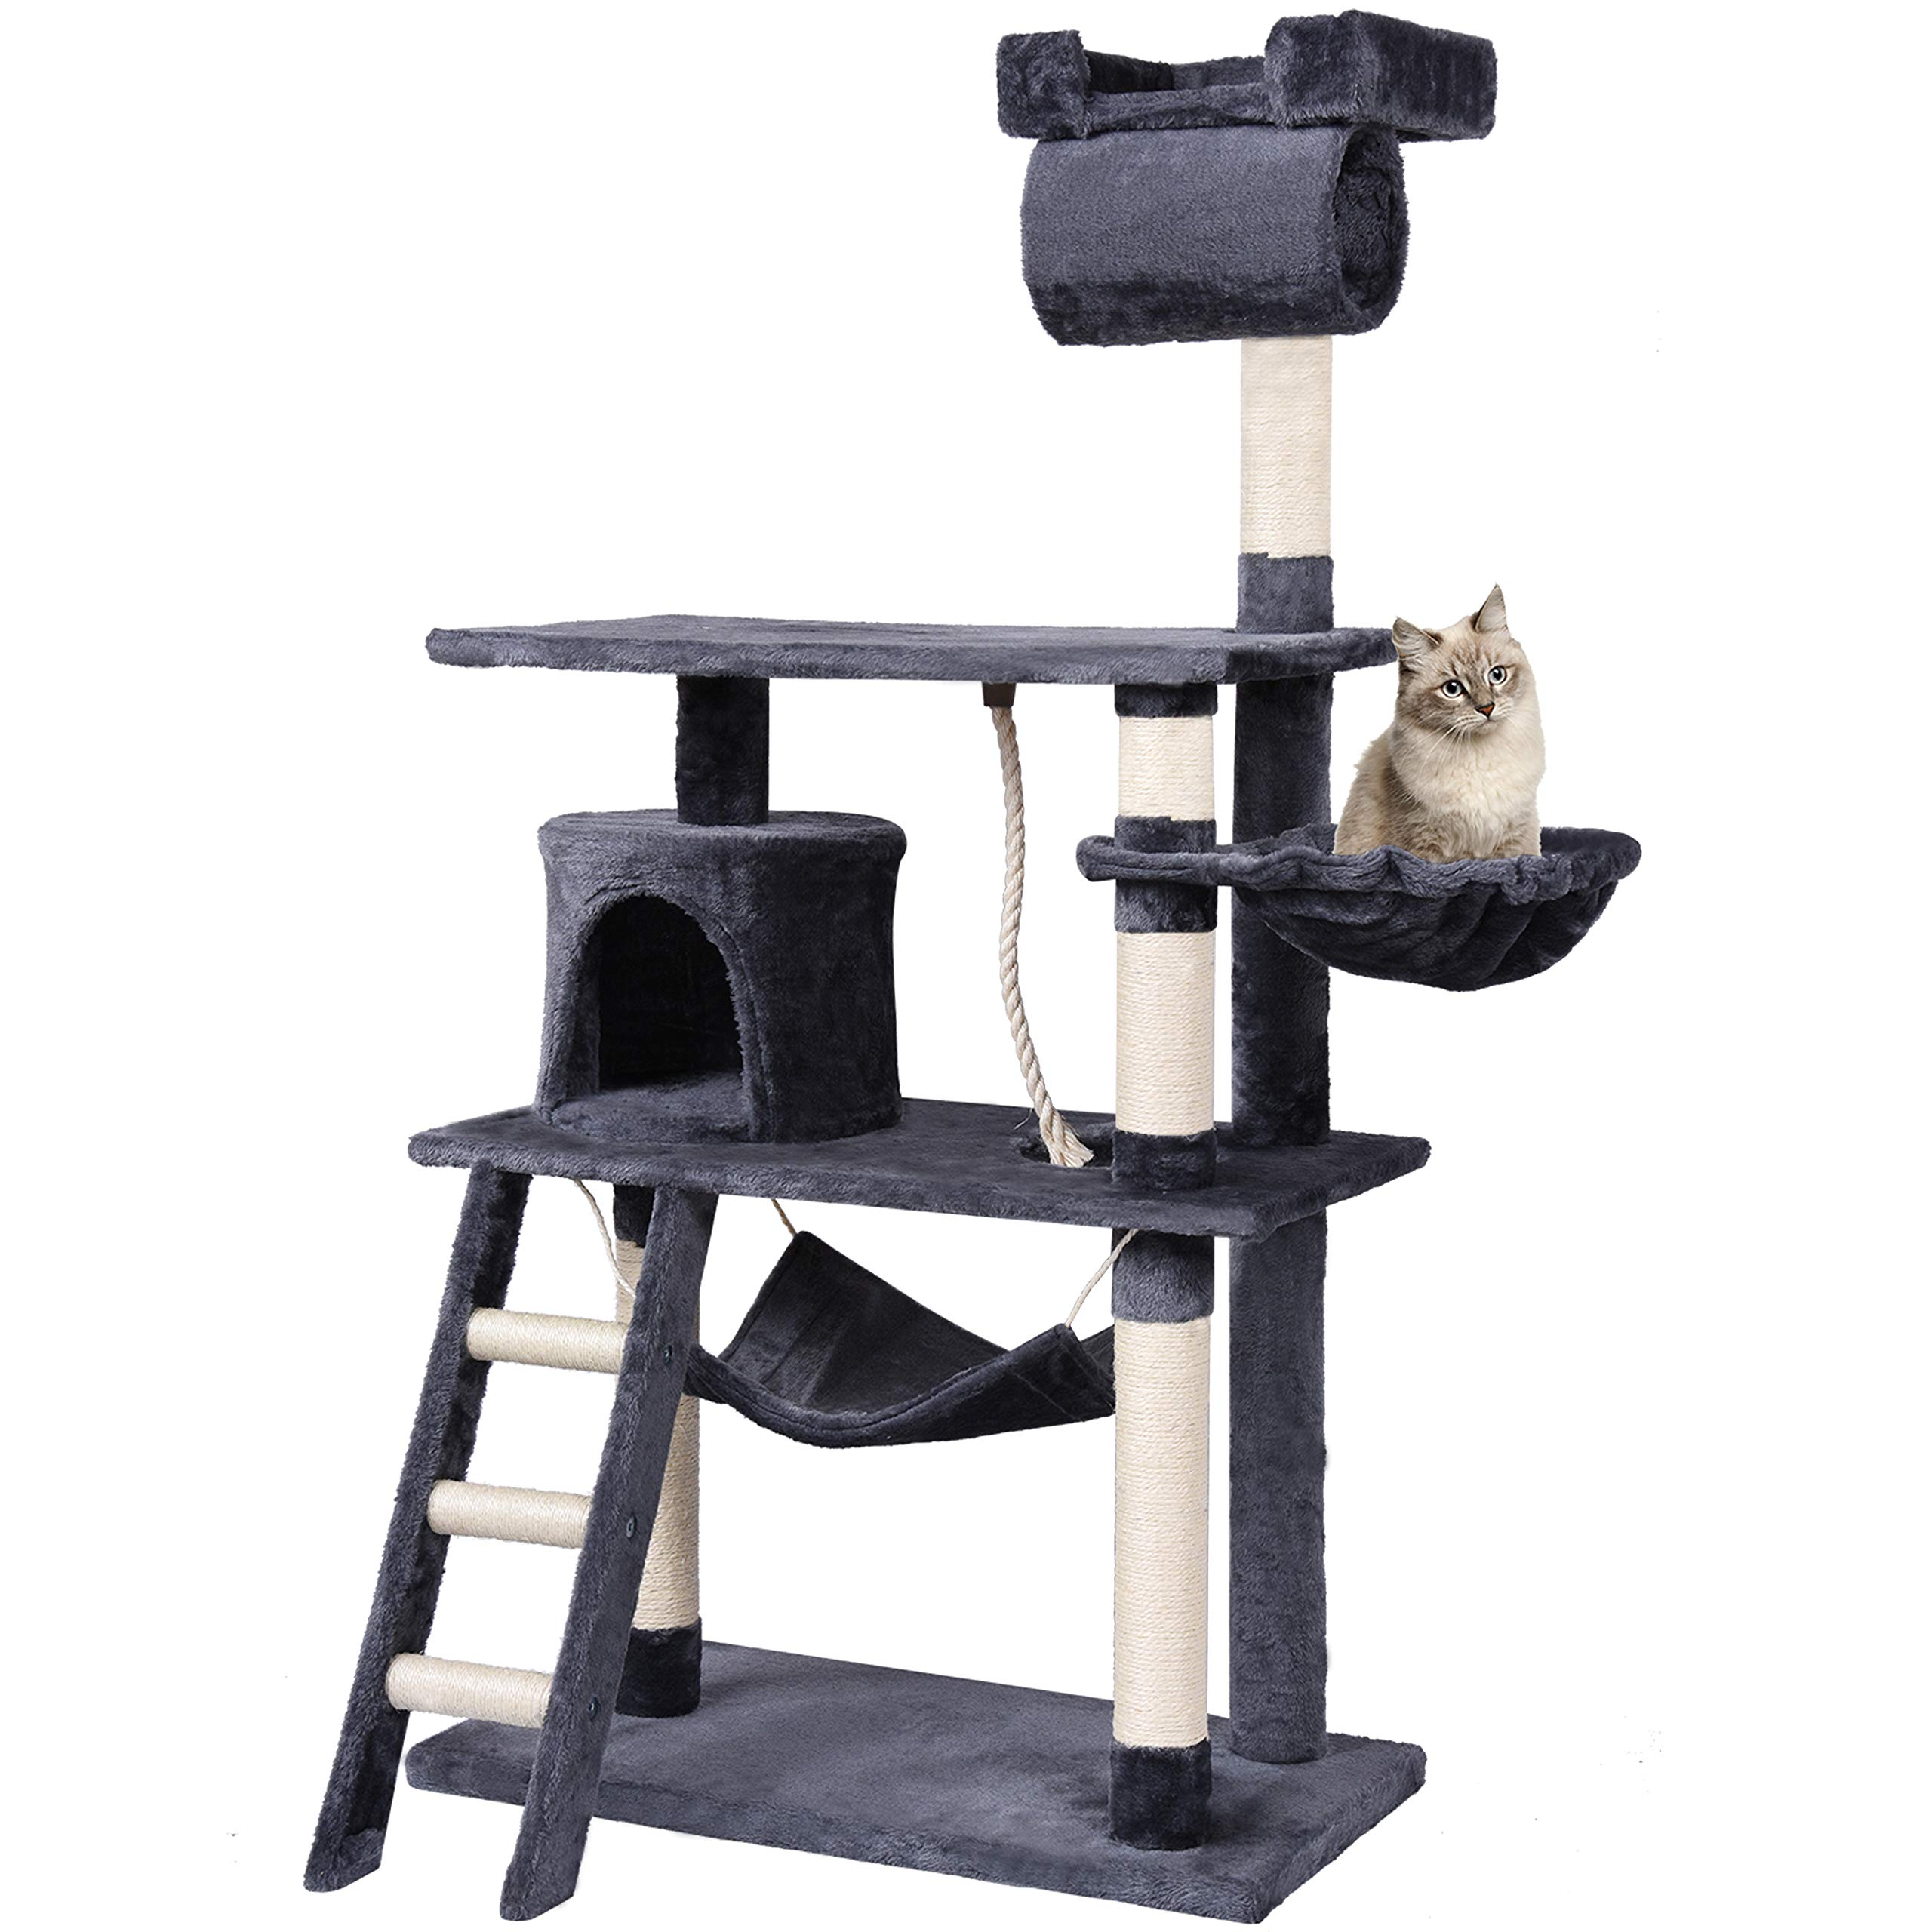 Centro de actividades para gatos con poste rascador y escalador en forma de castillo, 141 cm, en colores beis y gris